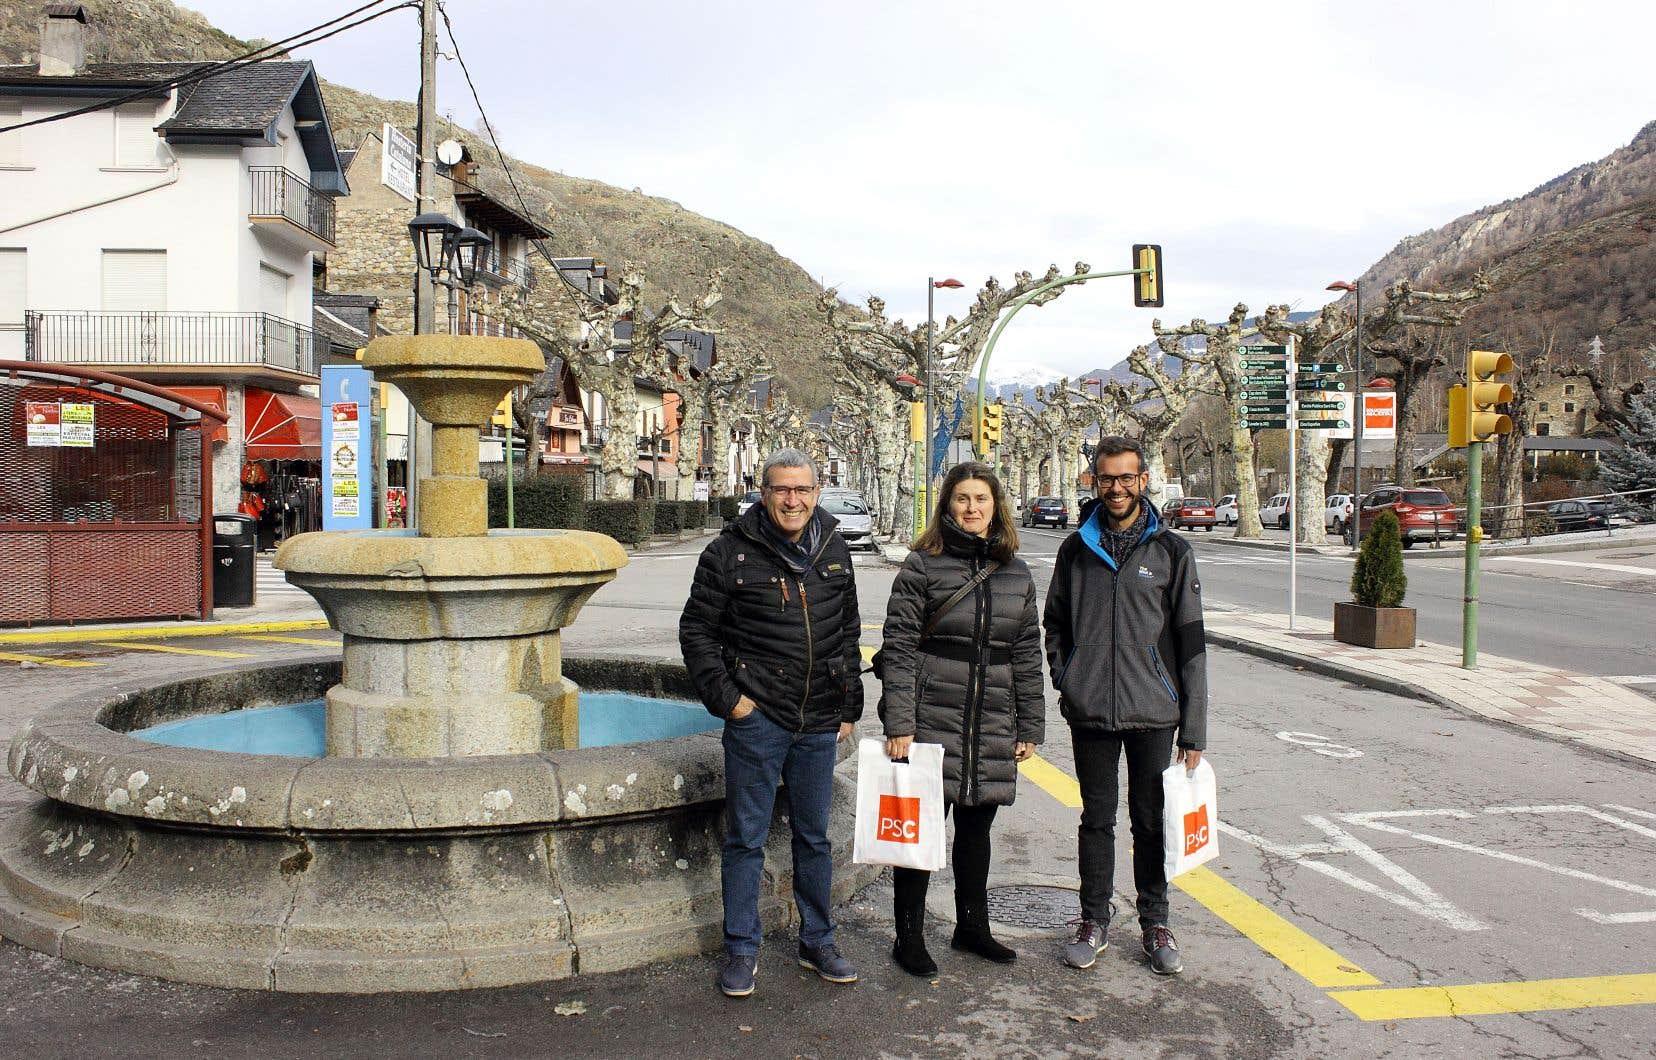 Le village deBossòst compte 1100 habitants. La candidate du Parti des socialistes de Catalogne Maria Vergés (au centre) y fait du porte-à-porte, entourée ici du maire Amador Marqués (à droite) et d'un élu de la députation provinciale de Lérida, Francés «Paco» Boya.